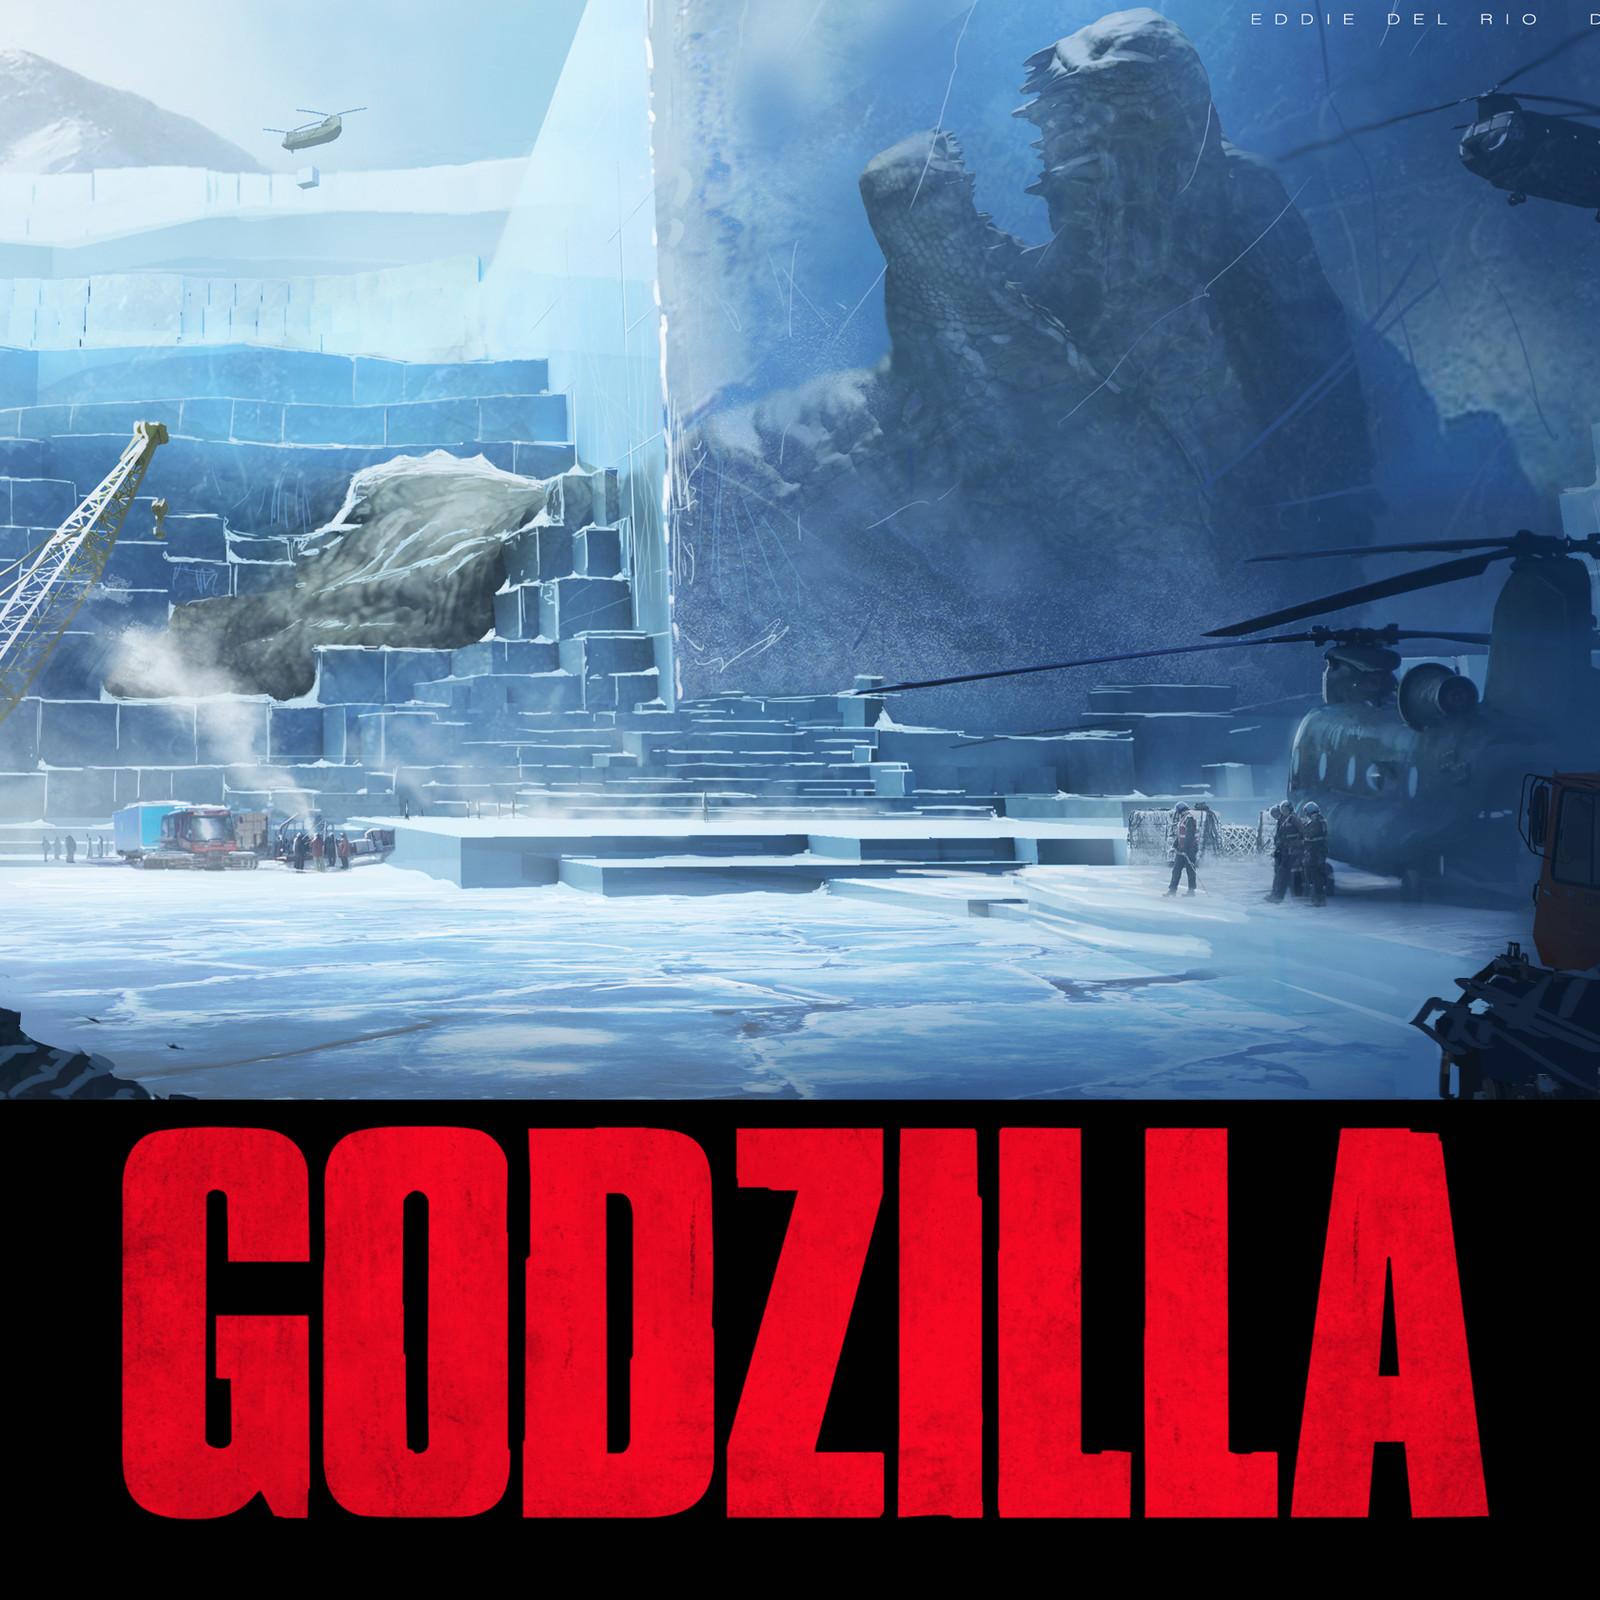 Ancient Godzilla discovery - Godzilla encased